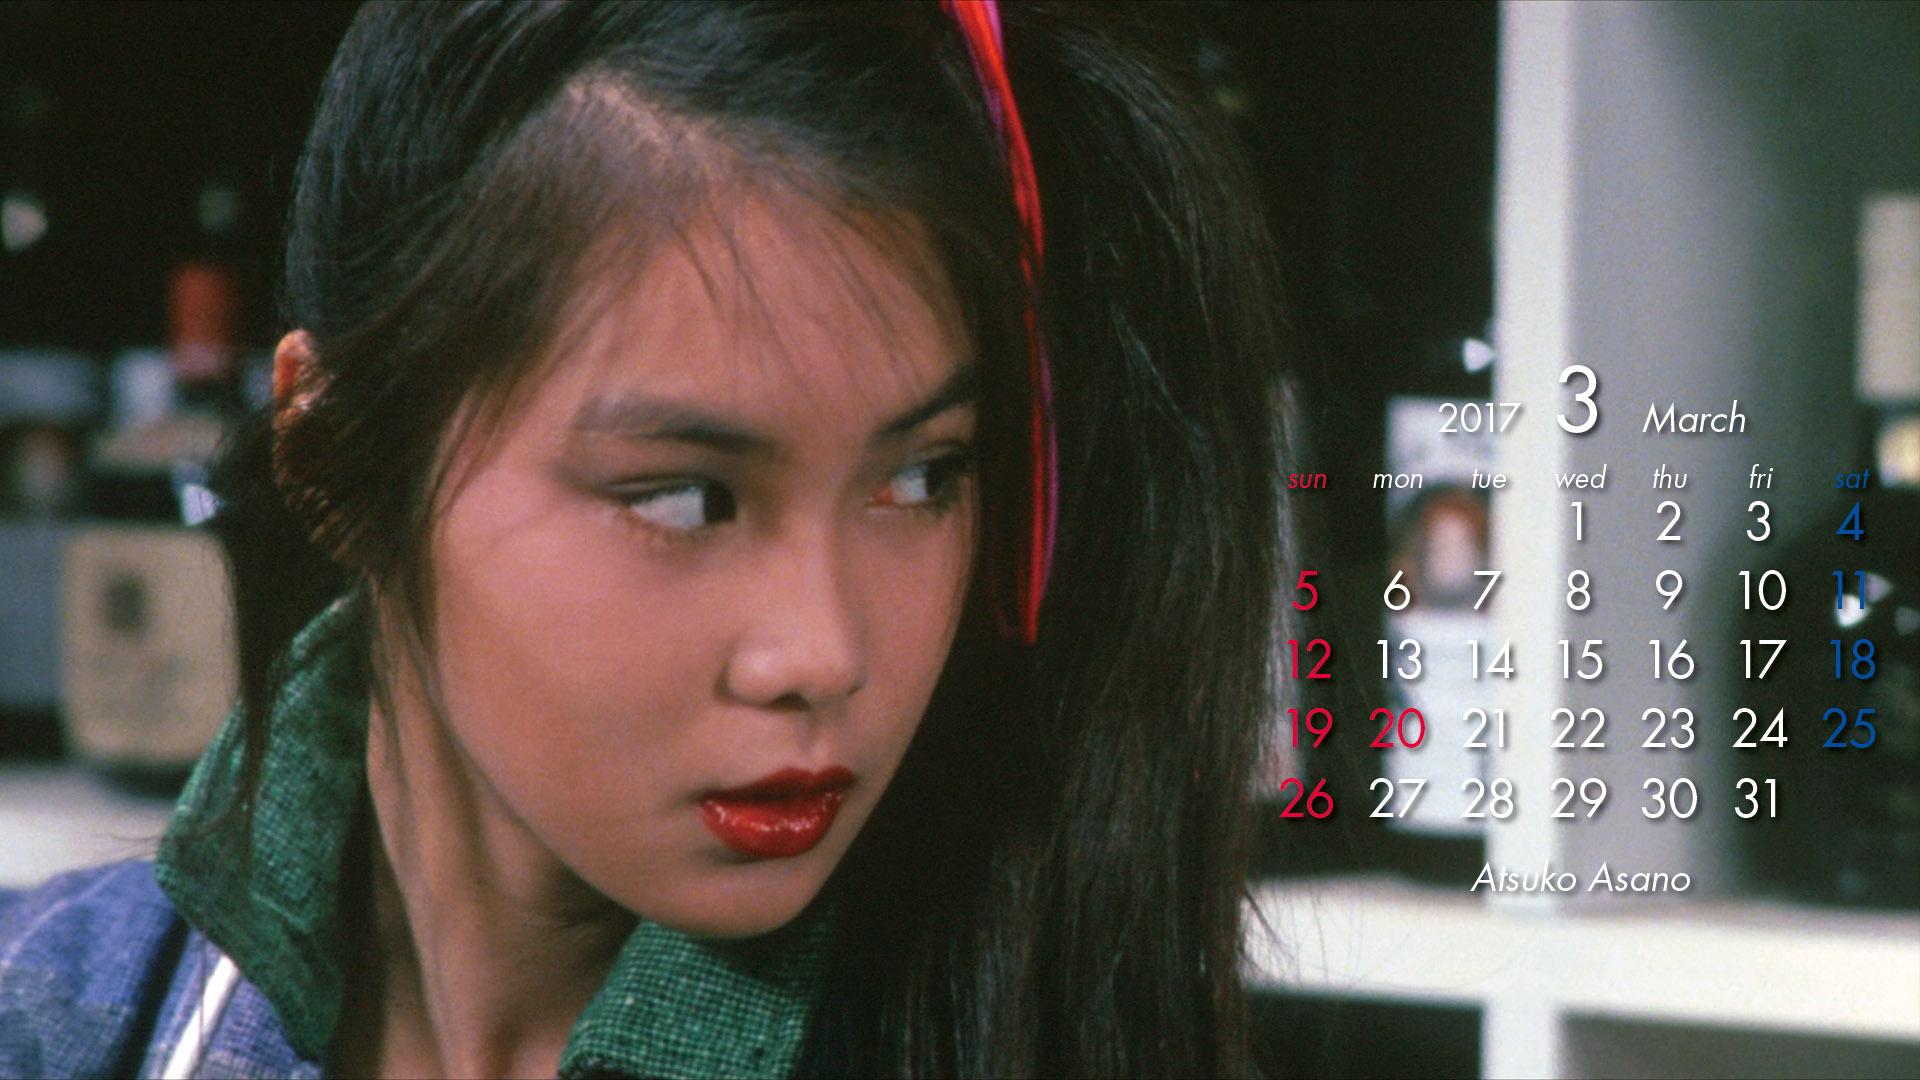 Atsuko Asano nudes (57 photo), Pussy, Paparazzi, Selfie, see through 2015